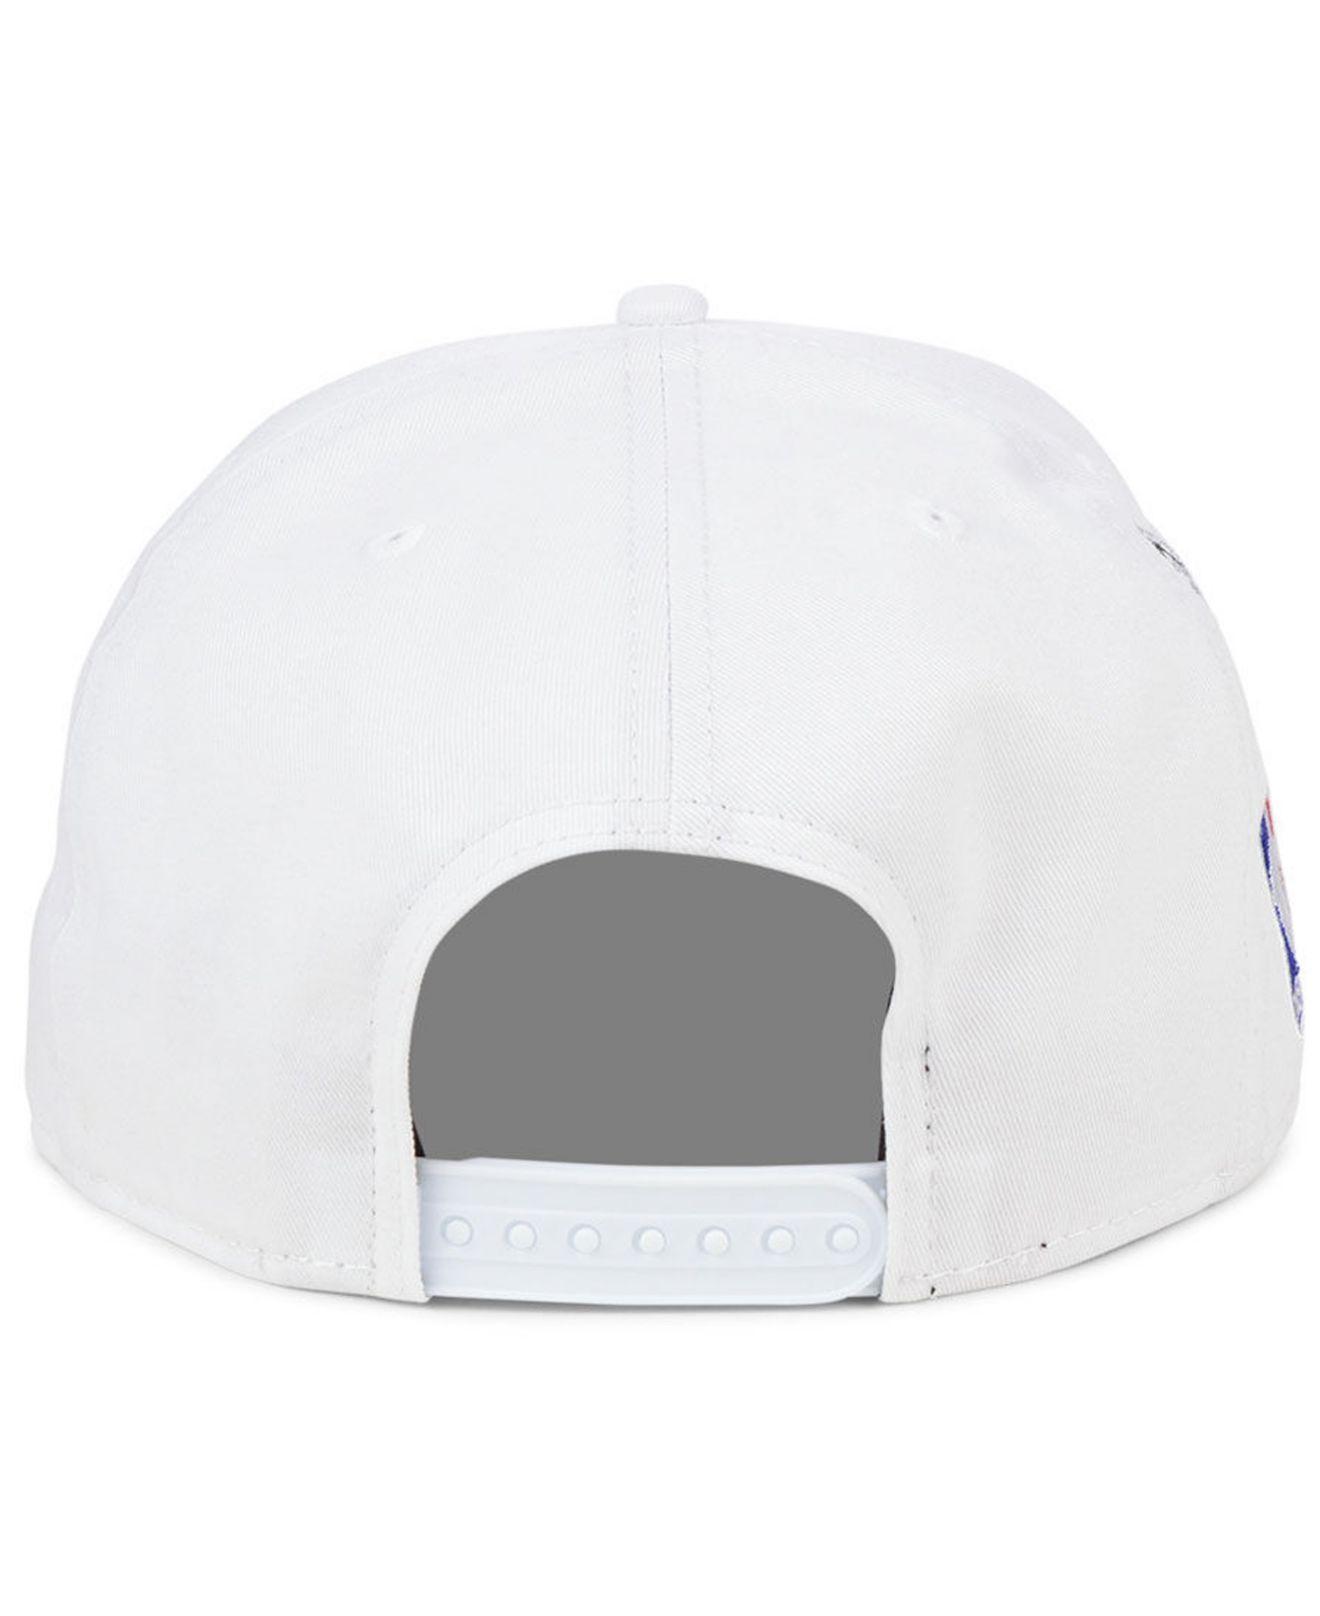 hot sale online b7e7f b7bf4 KTZ - White Charlotte Hornets Night Sky 9fifty Snapback Cap for Men - Lyst. View  fullscreen